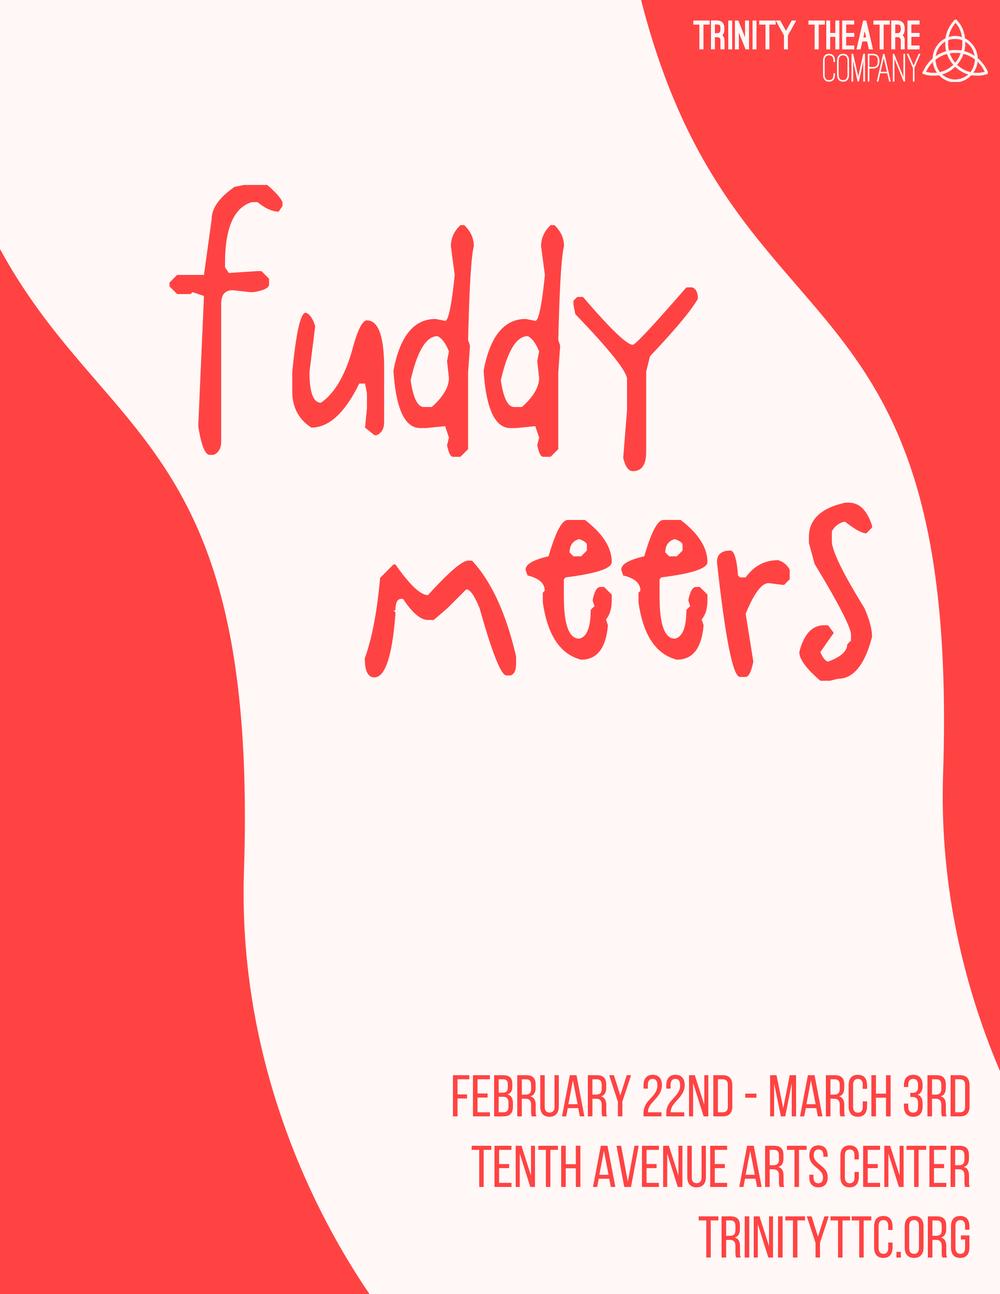 fuddy meers.png